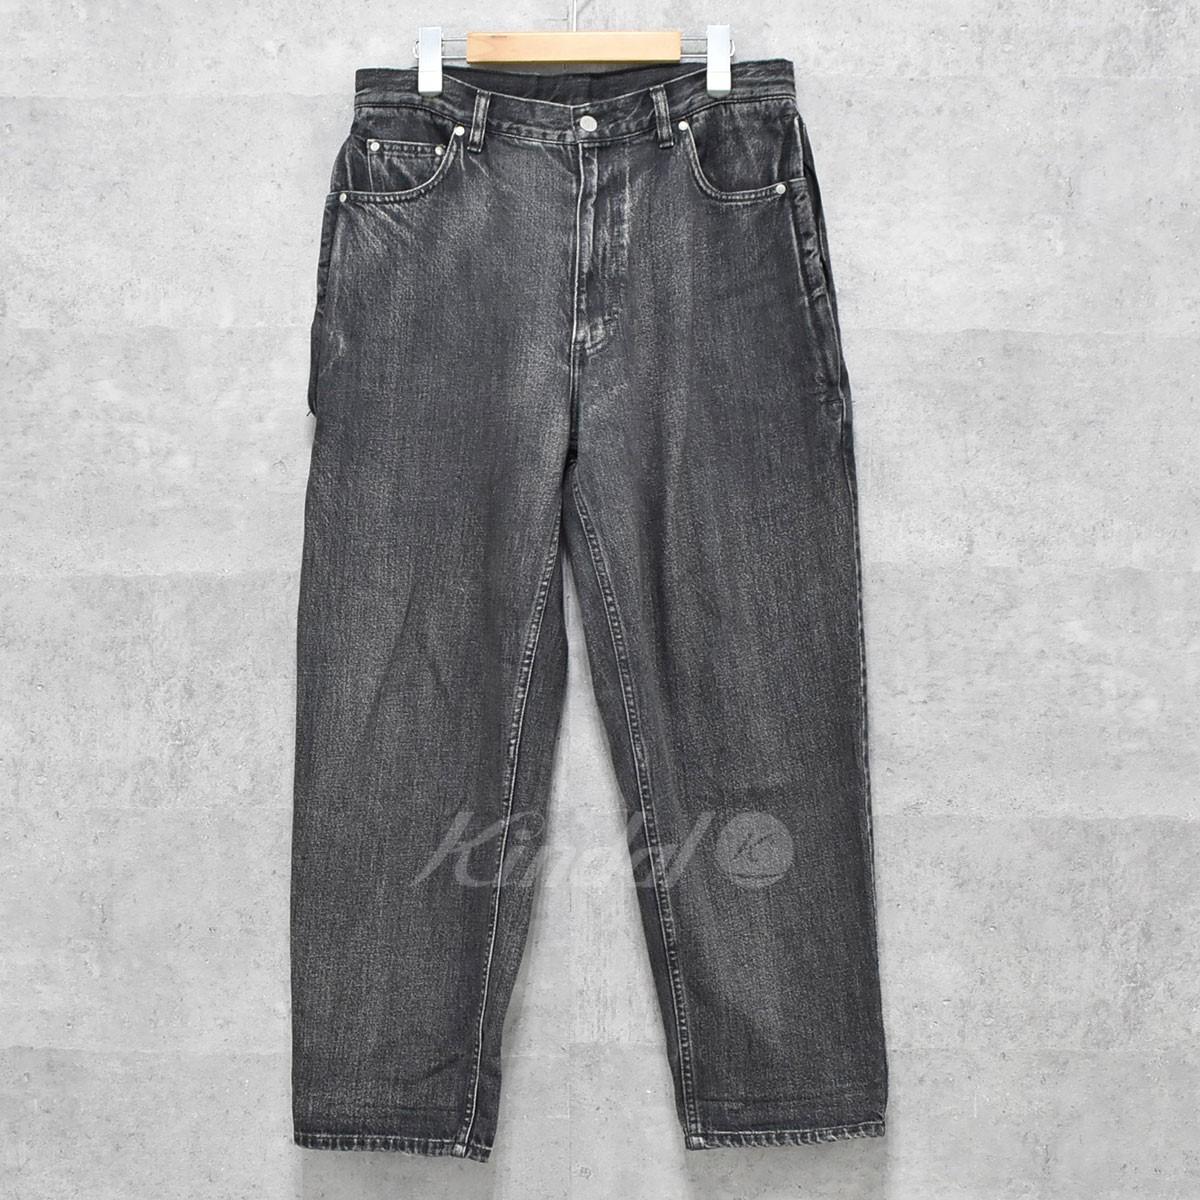 【中古】BEAMS SURF&SK8 pop blk 8pk denim pants デニムパンツ 17AW ブラック(グレー) サイズ:S 【送料無料】 【120518】(ビームスサーフアンドスケート)